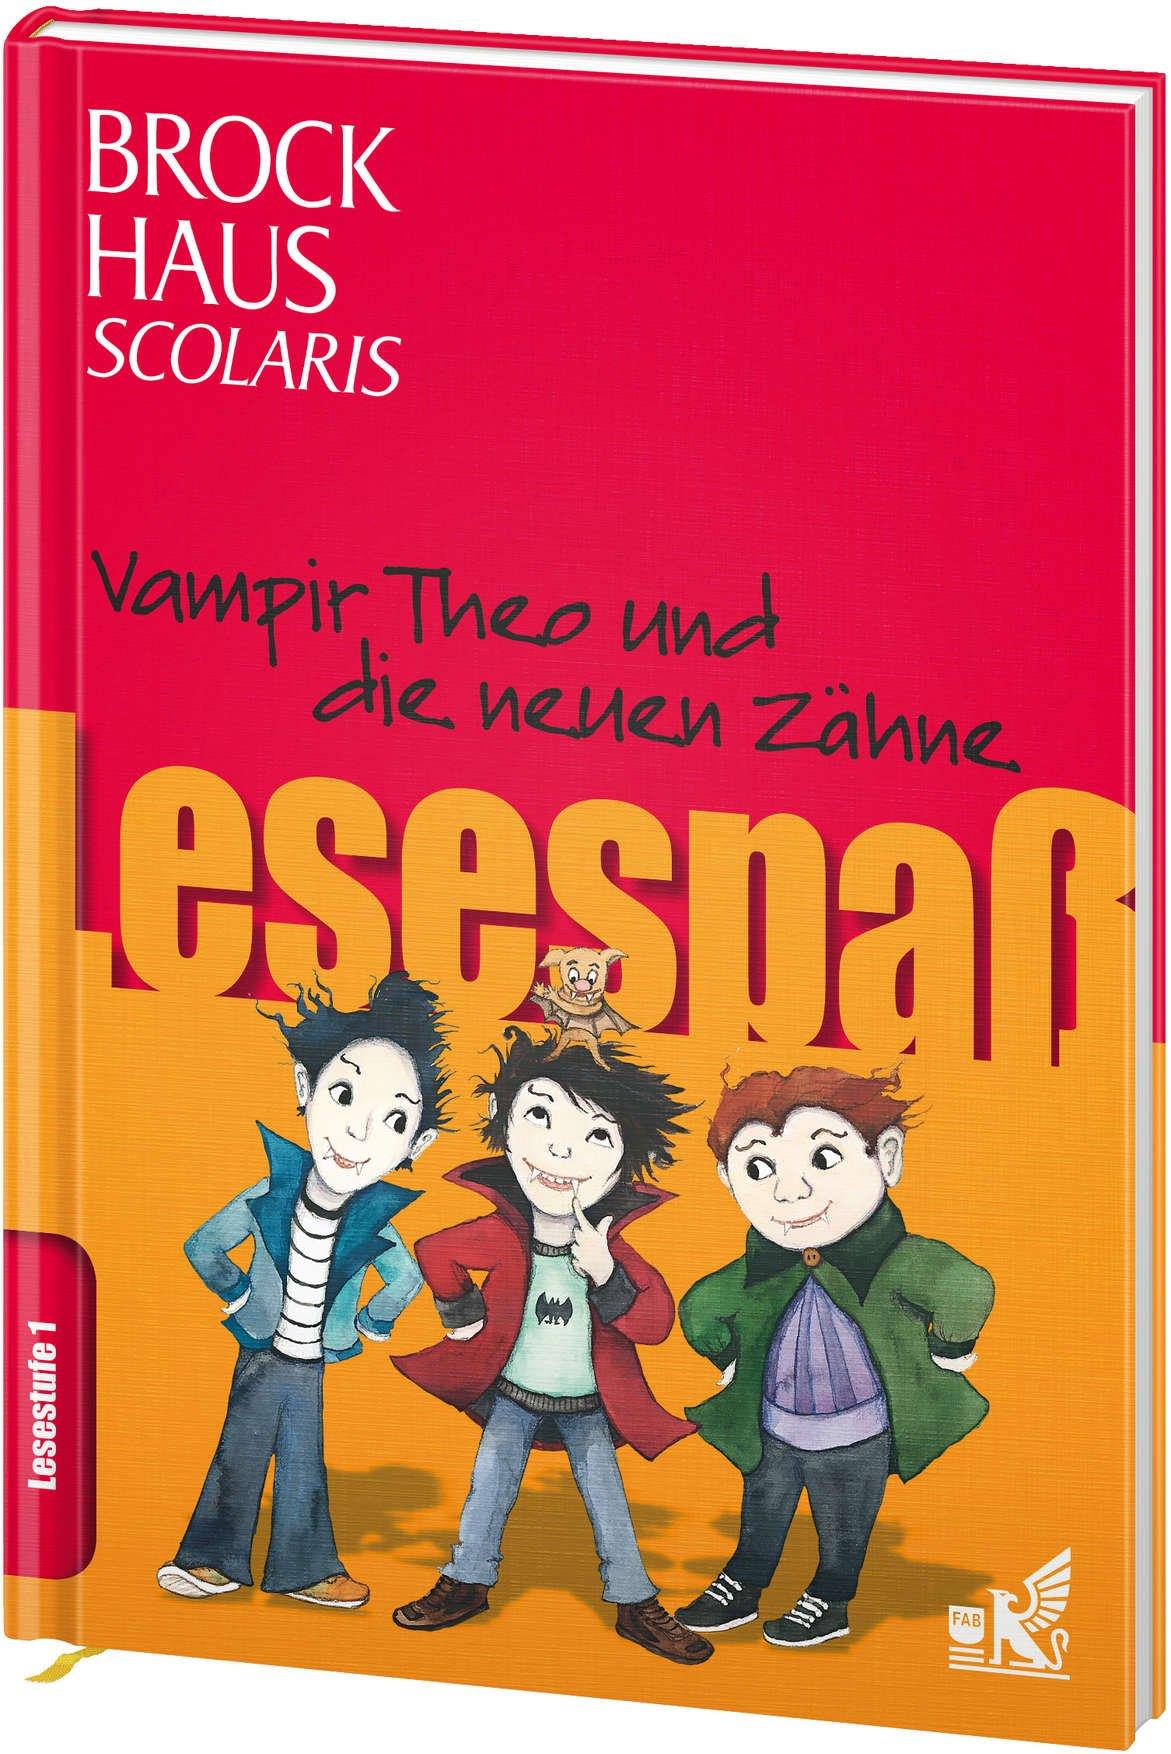 Brockhaus Scolaris Lesespaß: Vampir Theo und die neuen Zähne: Lesestufe 1